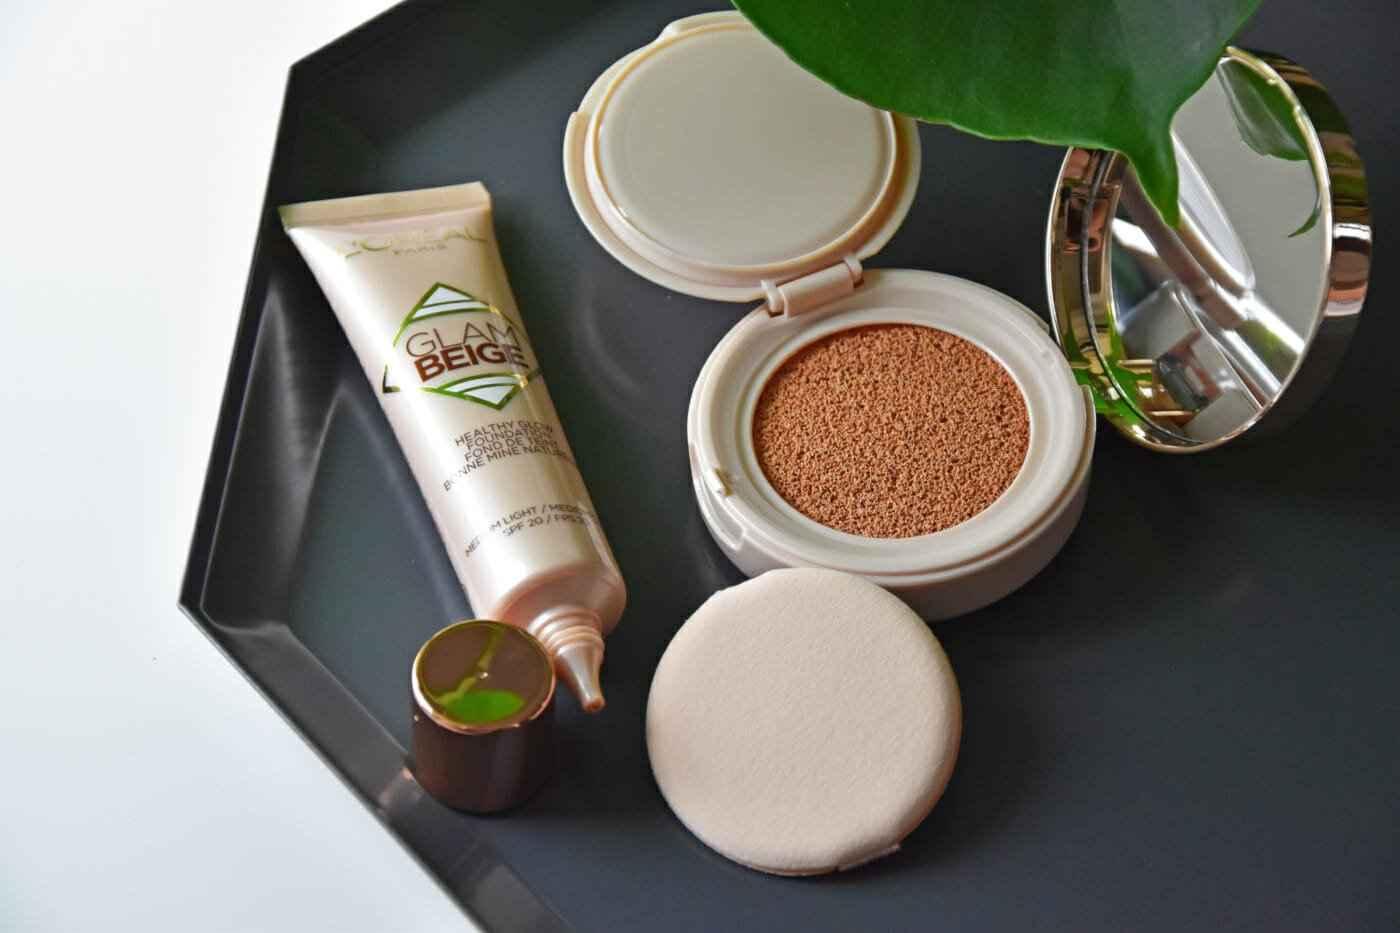 L'Oréal - Glam Beige Healthy Glow Foundation & Cushion